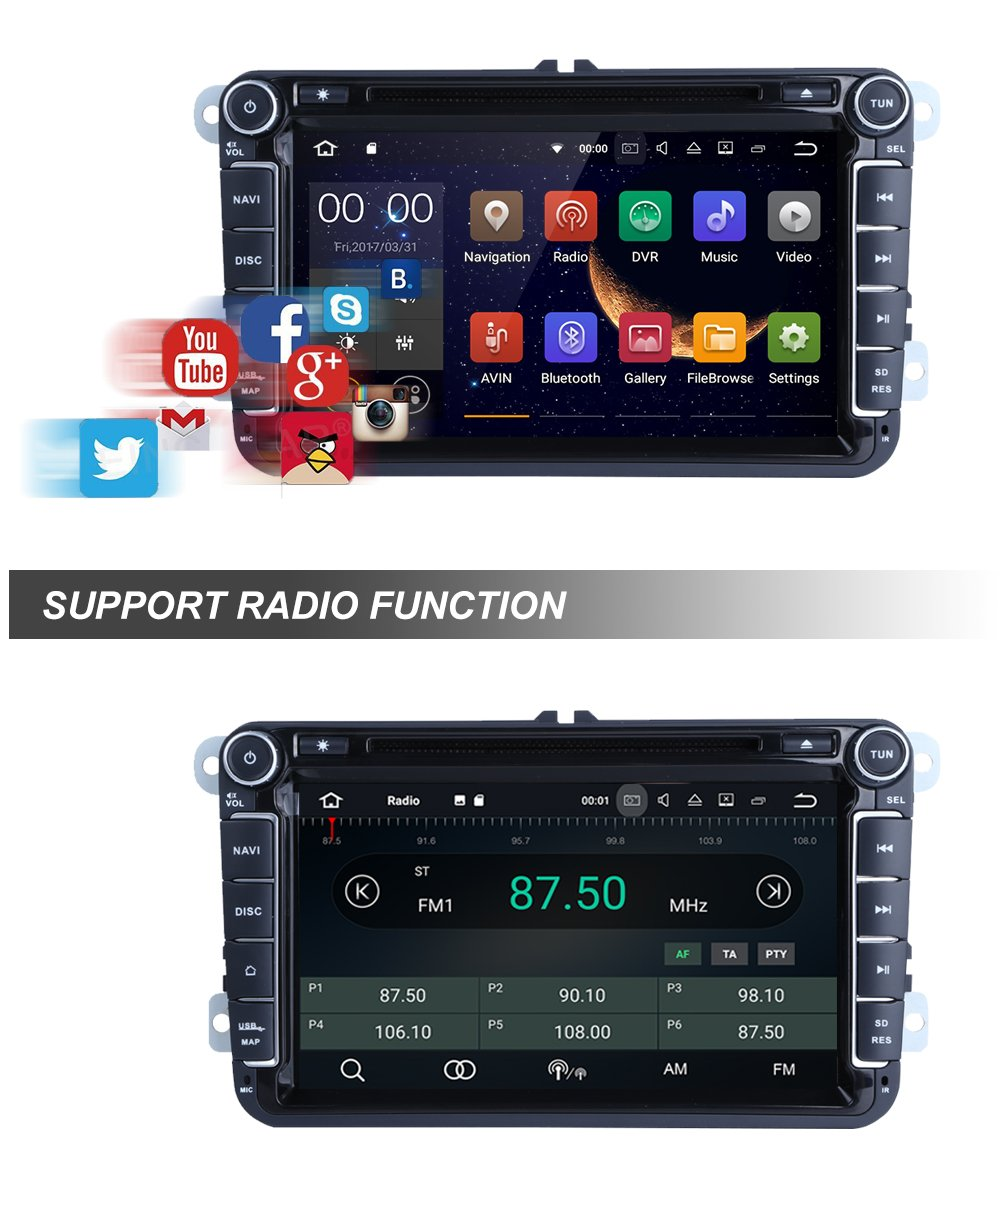 Freeauto pour VW Android 7.1 double DIN 20,3 cm lecteur de voiture Wifi Mod/èle avec support int/égr/é CANBUS Bluetooth USB SD gratuit Cam/éra de recul GPS FM AM RDS SWC